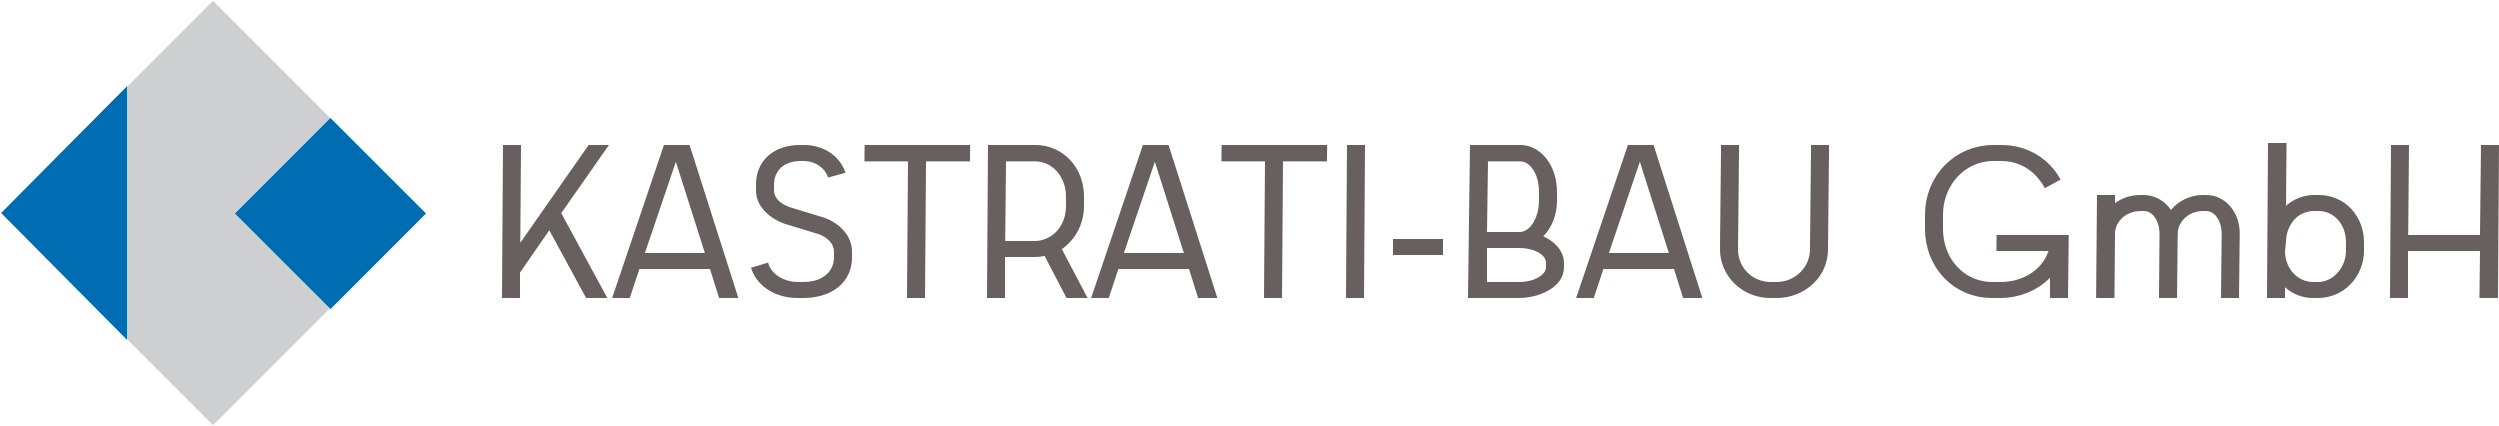 kbau_logo